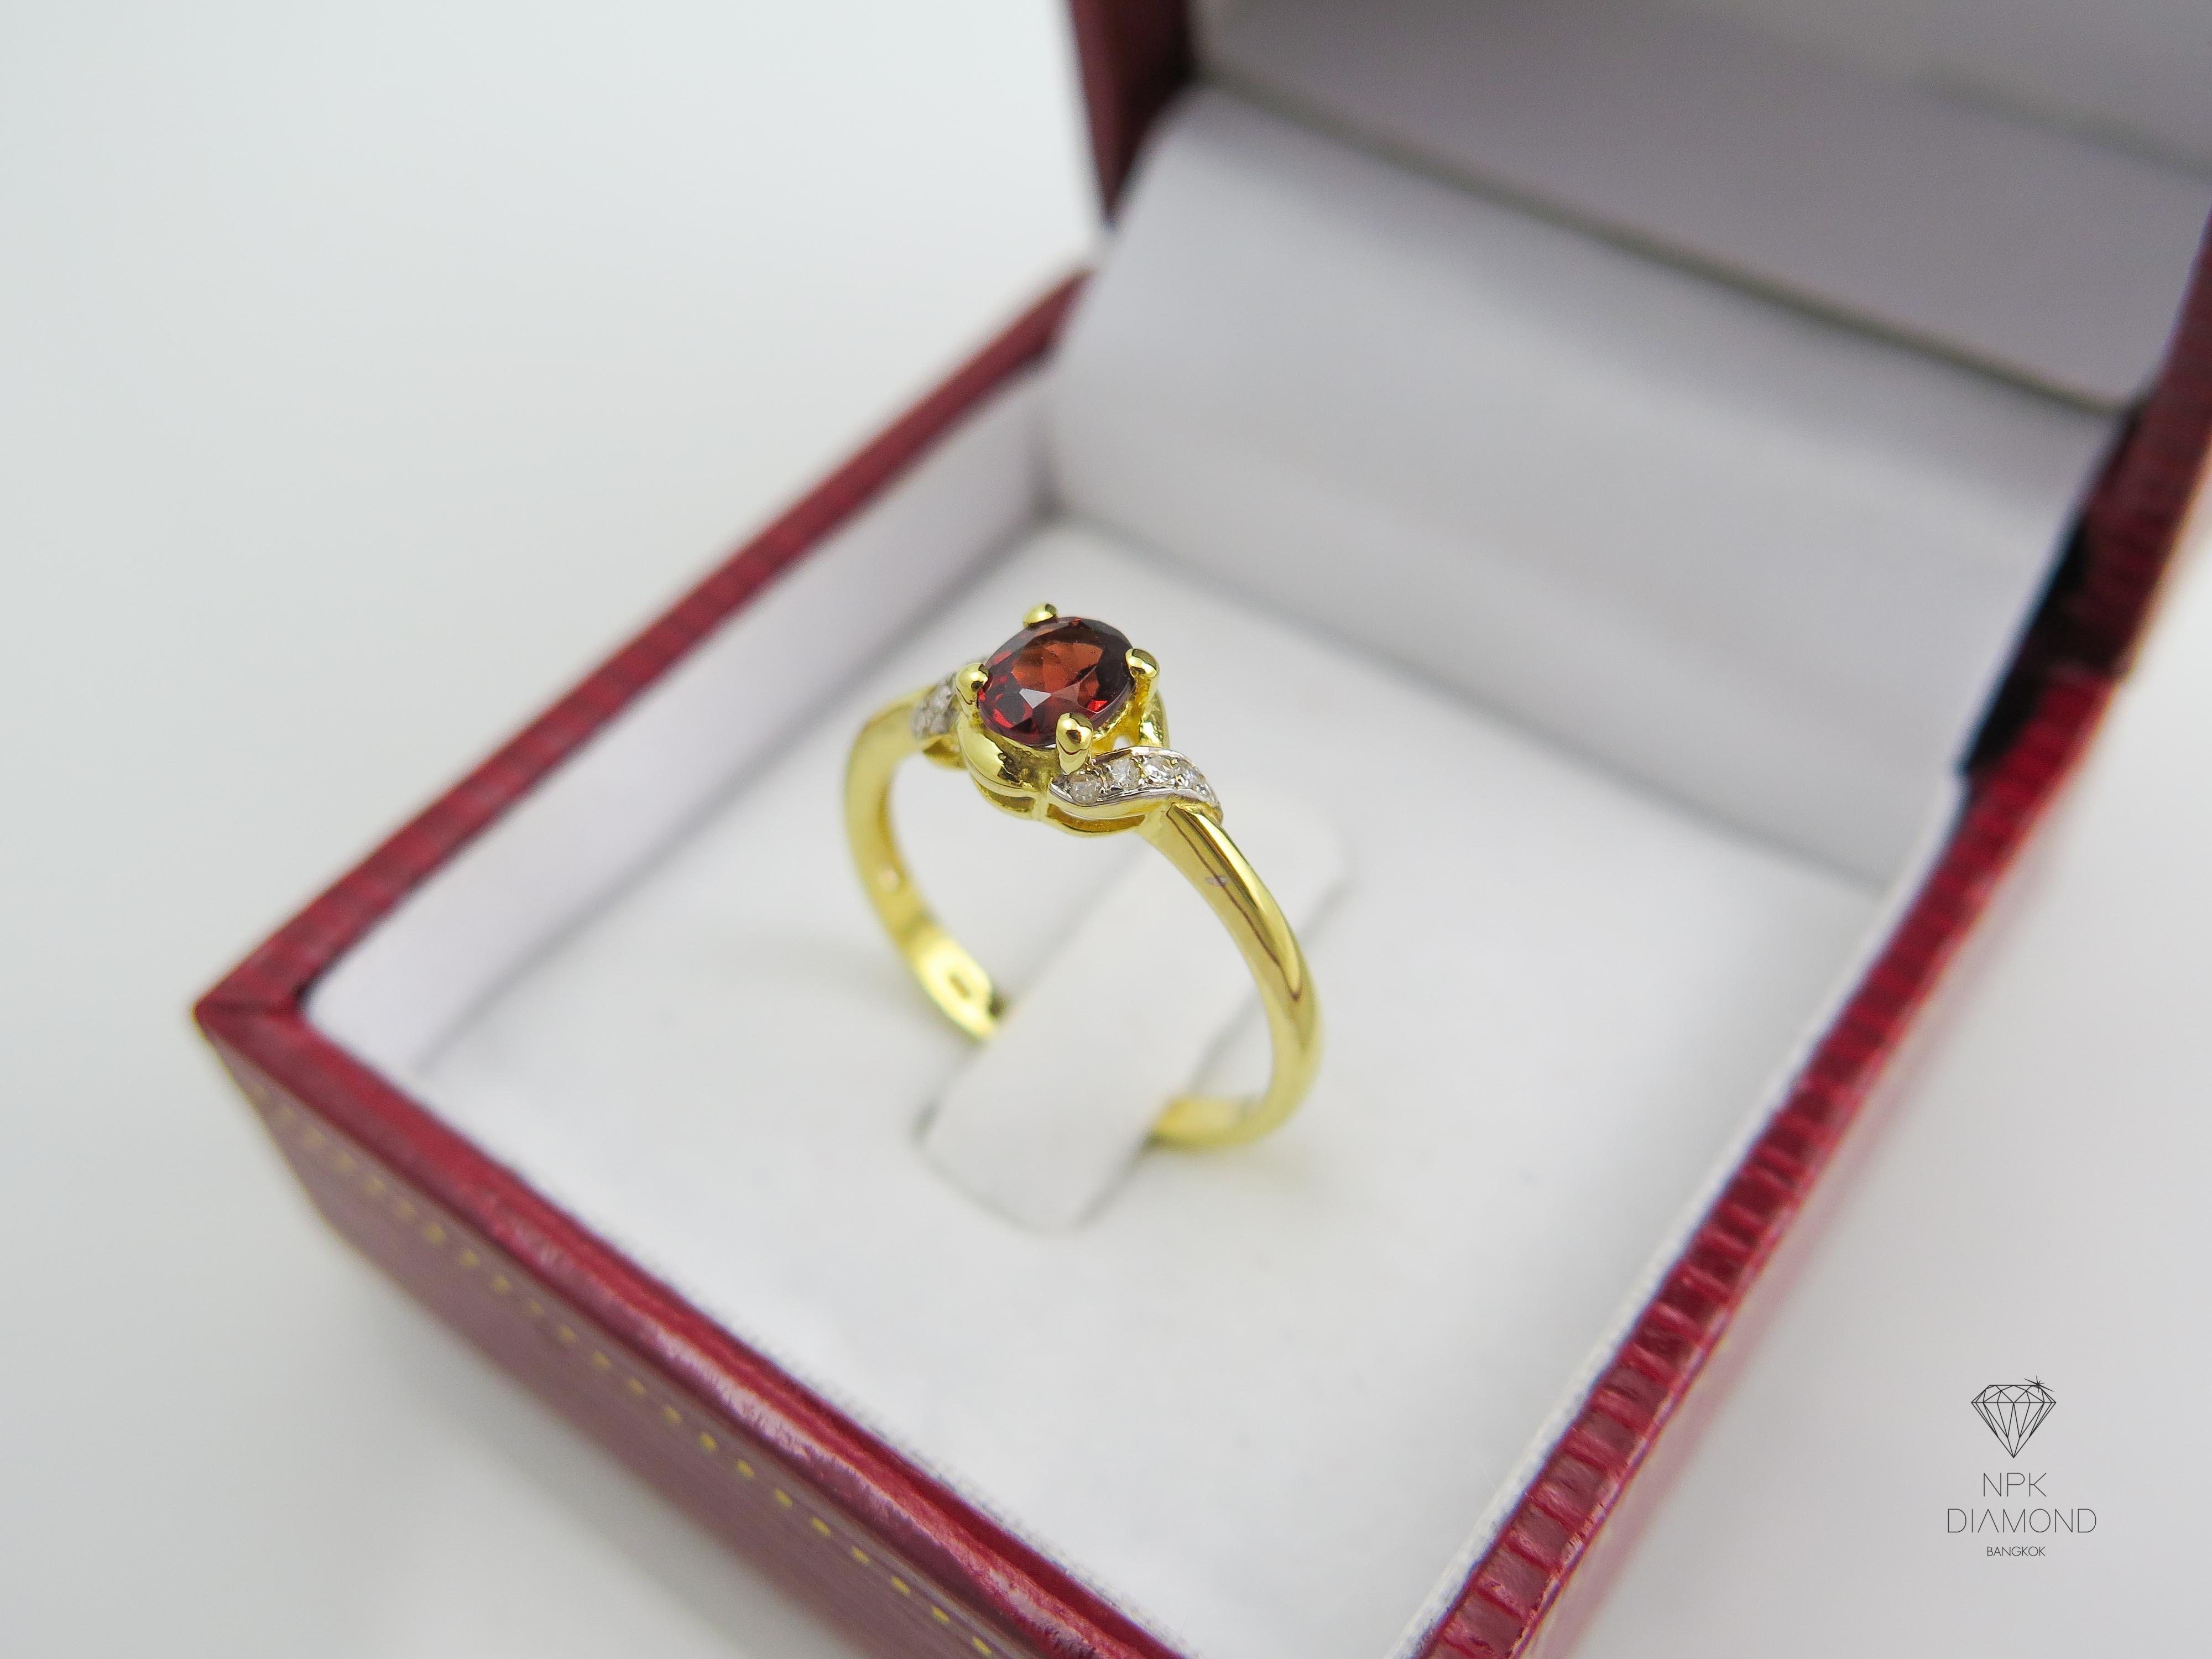 แหวนเพชรพลอยโกเมน